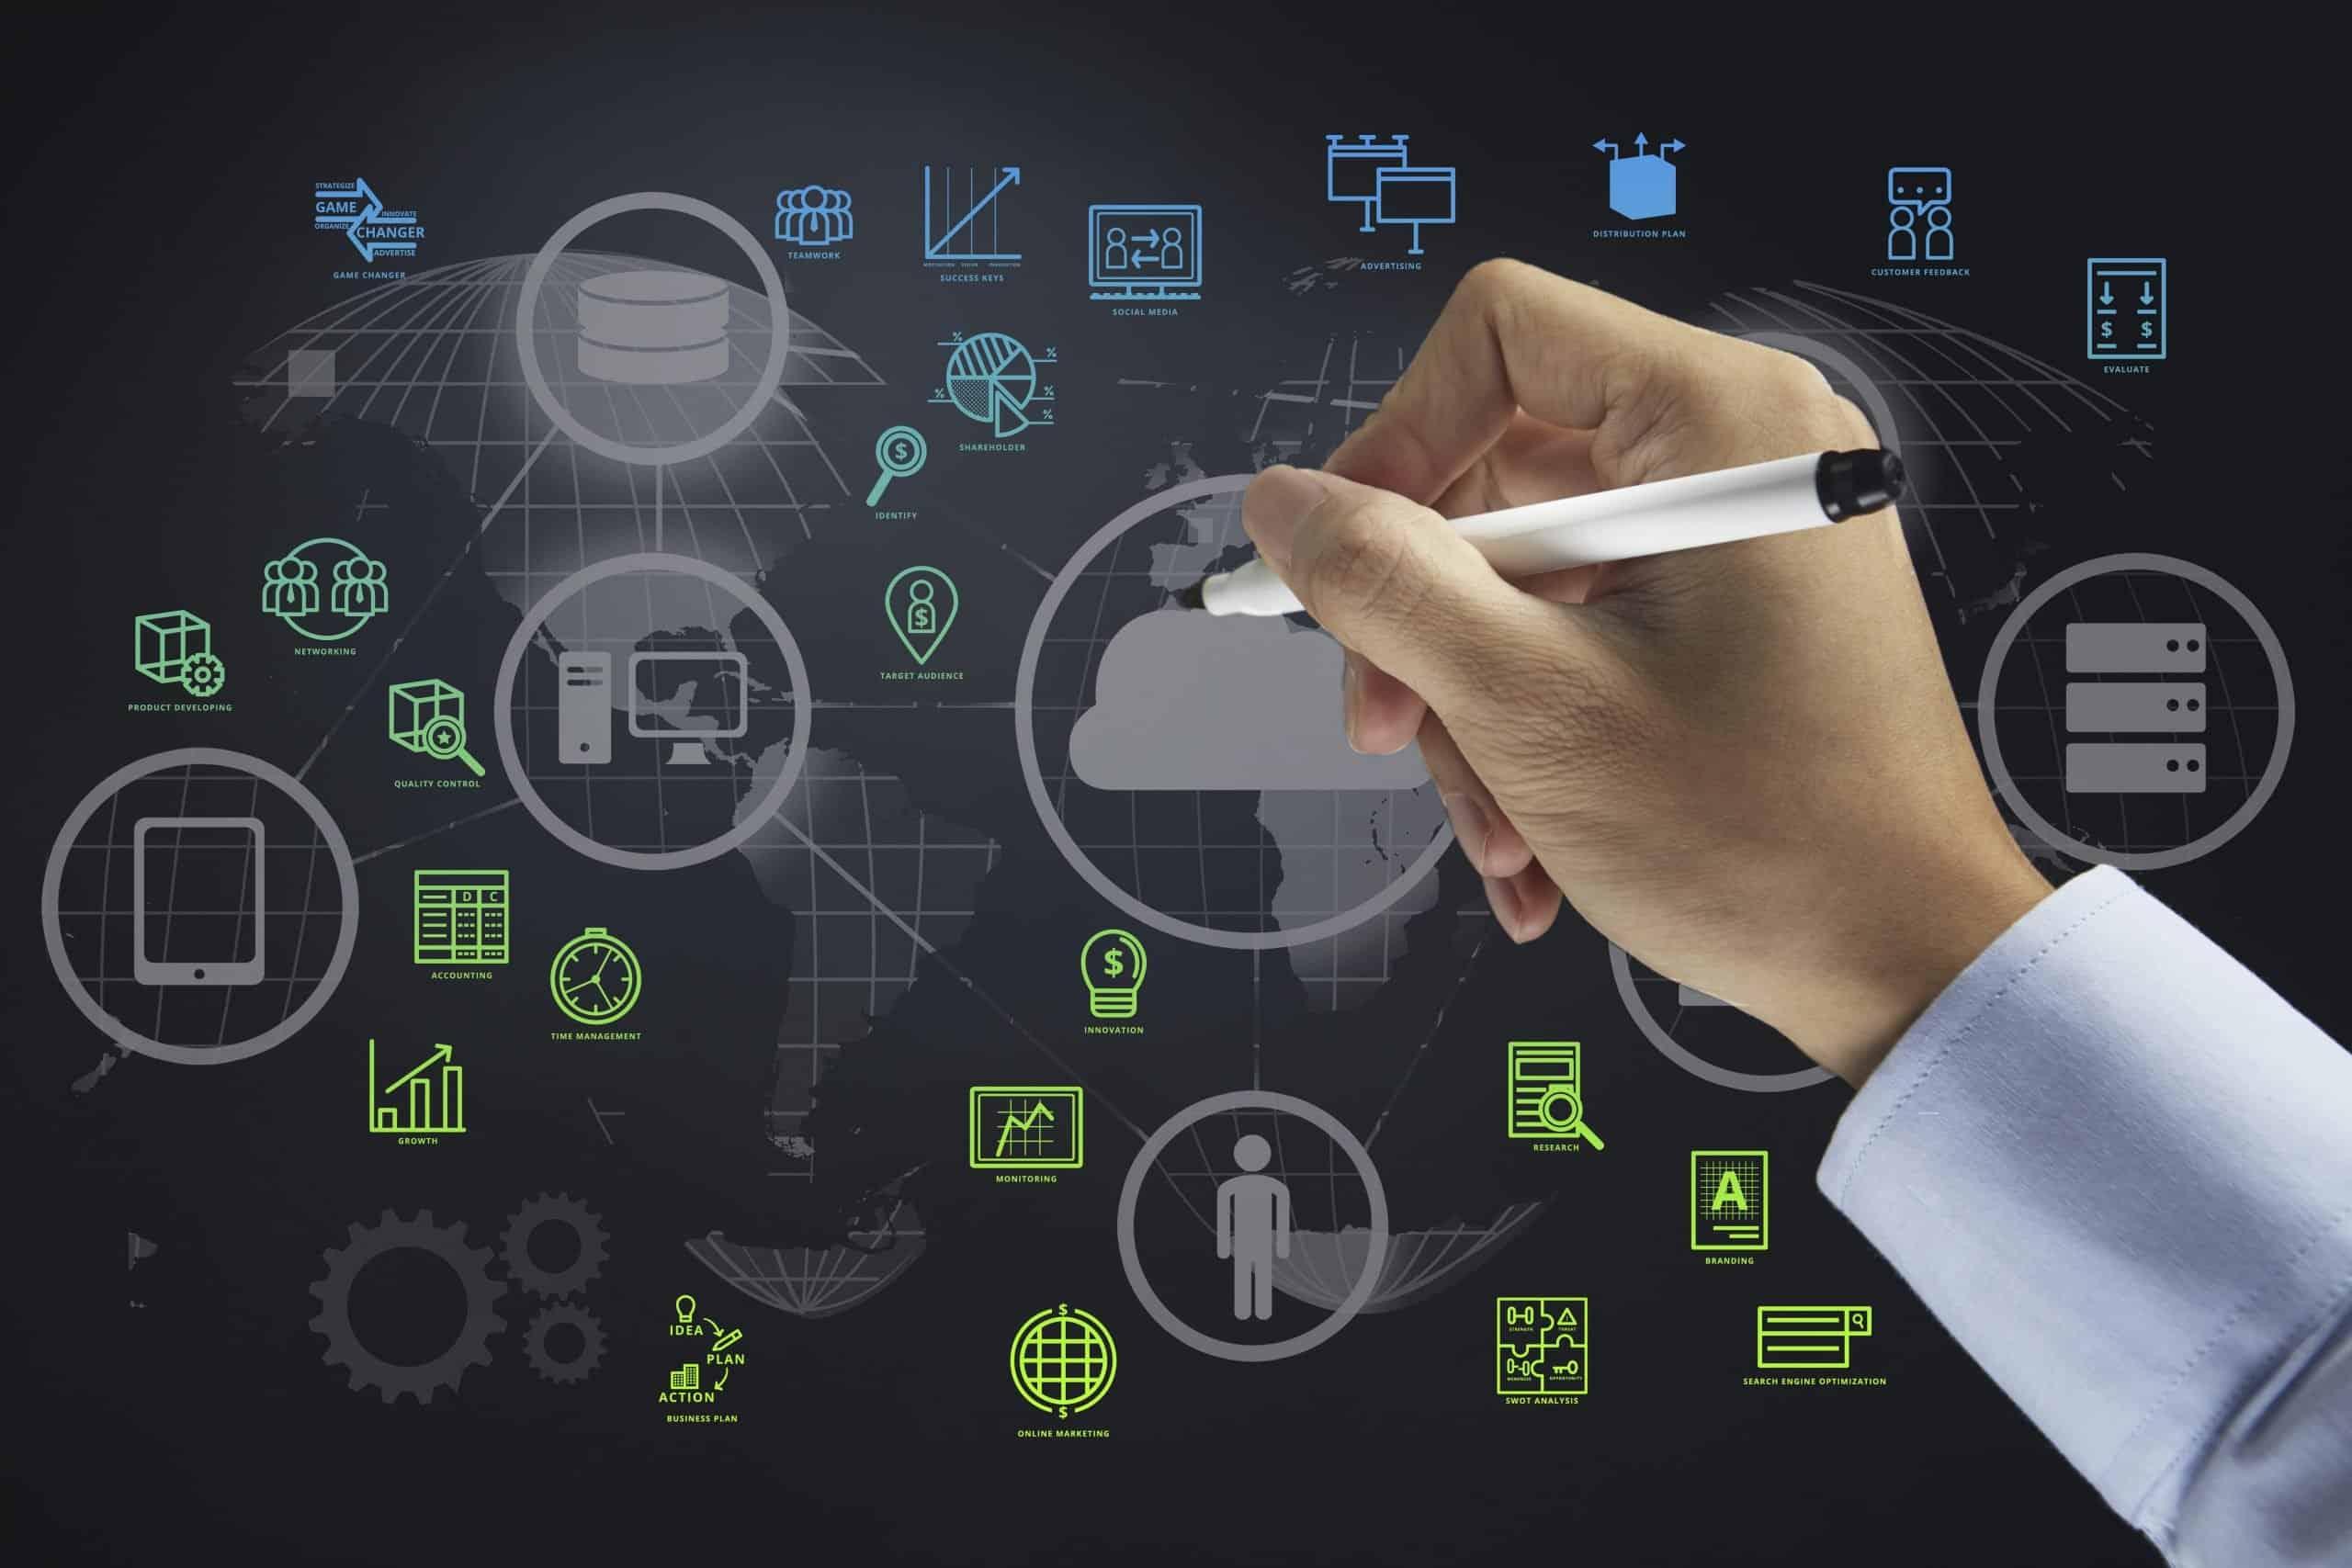 Beleggen in technologie: Top 5 trends